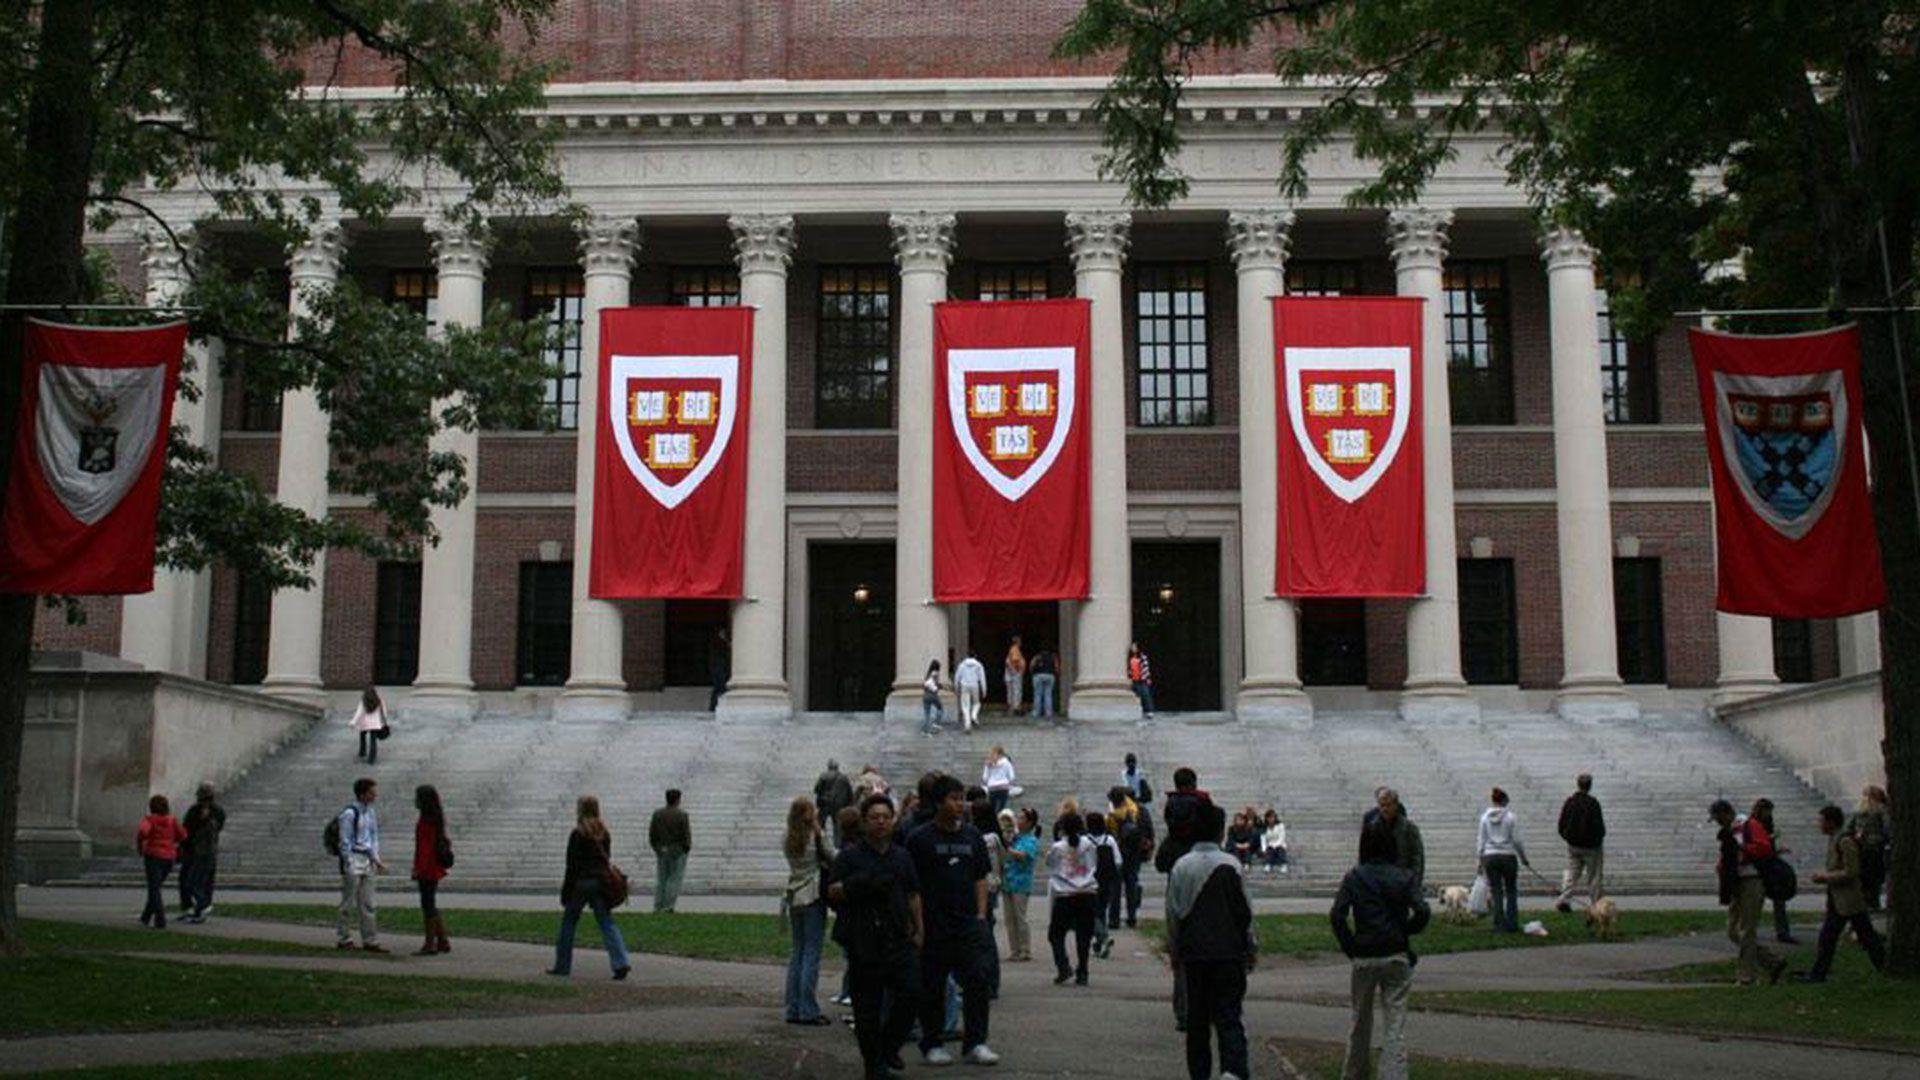 La Universidad Harvard en Cambridge, Massachussetts (AFP)